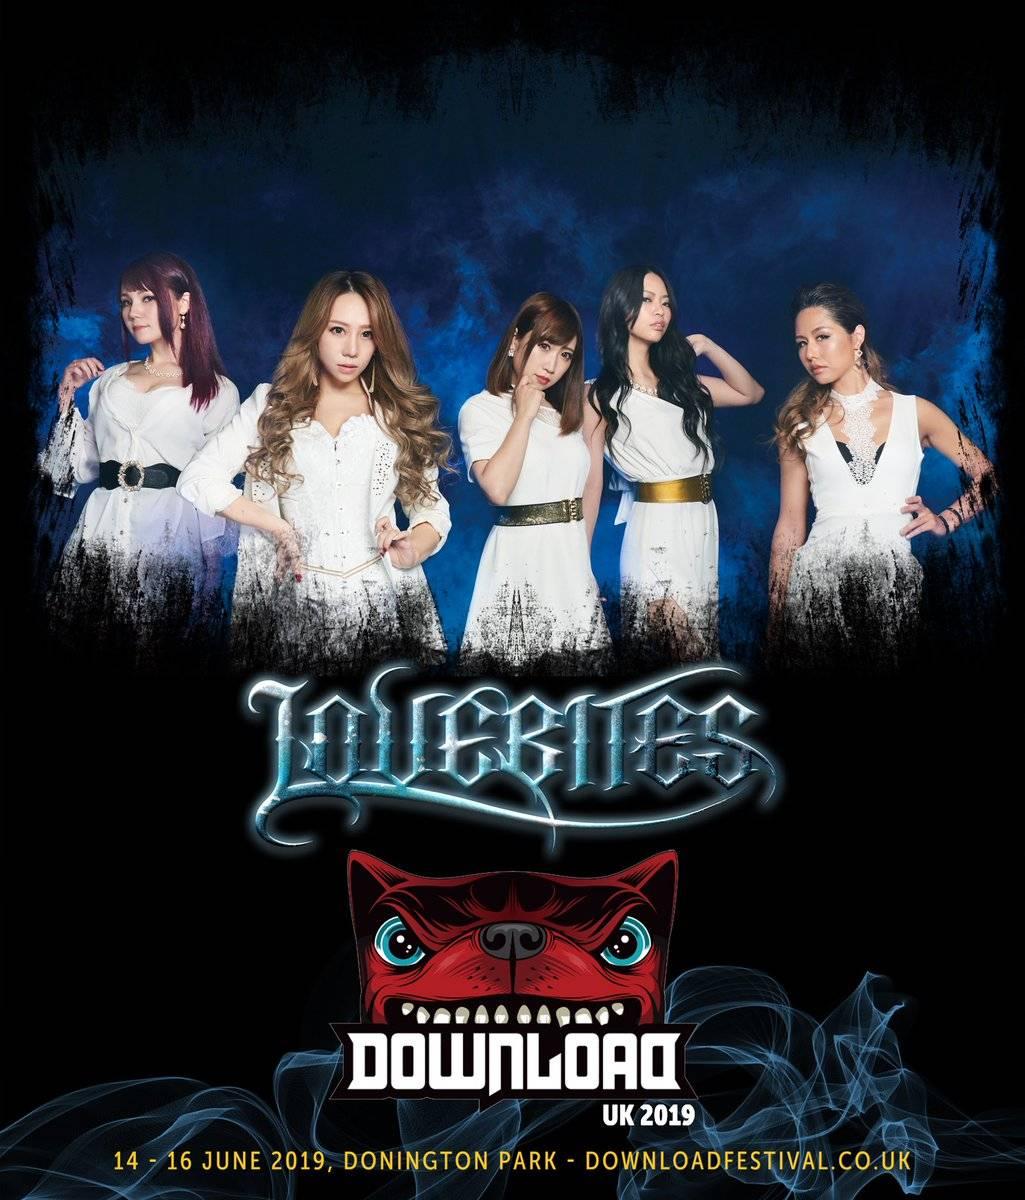 LOVEBITES Japanese female heavy metal band pic